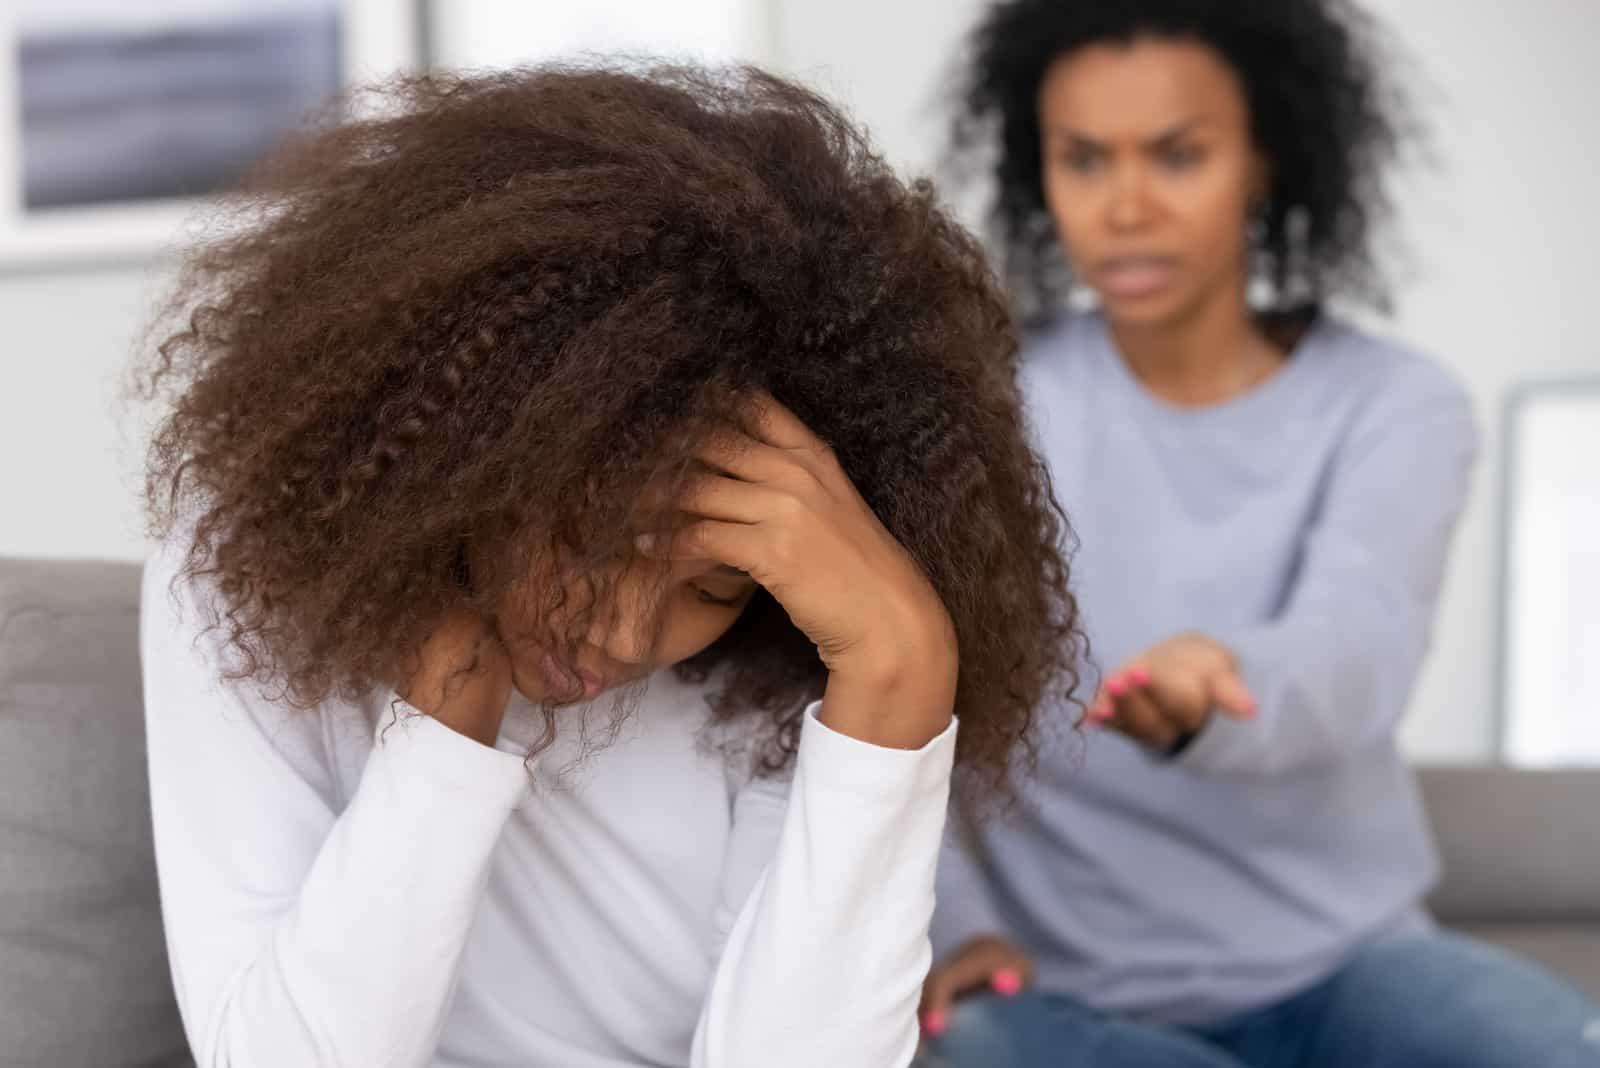 Eine junge Frau kritisiert ein Kind